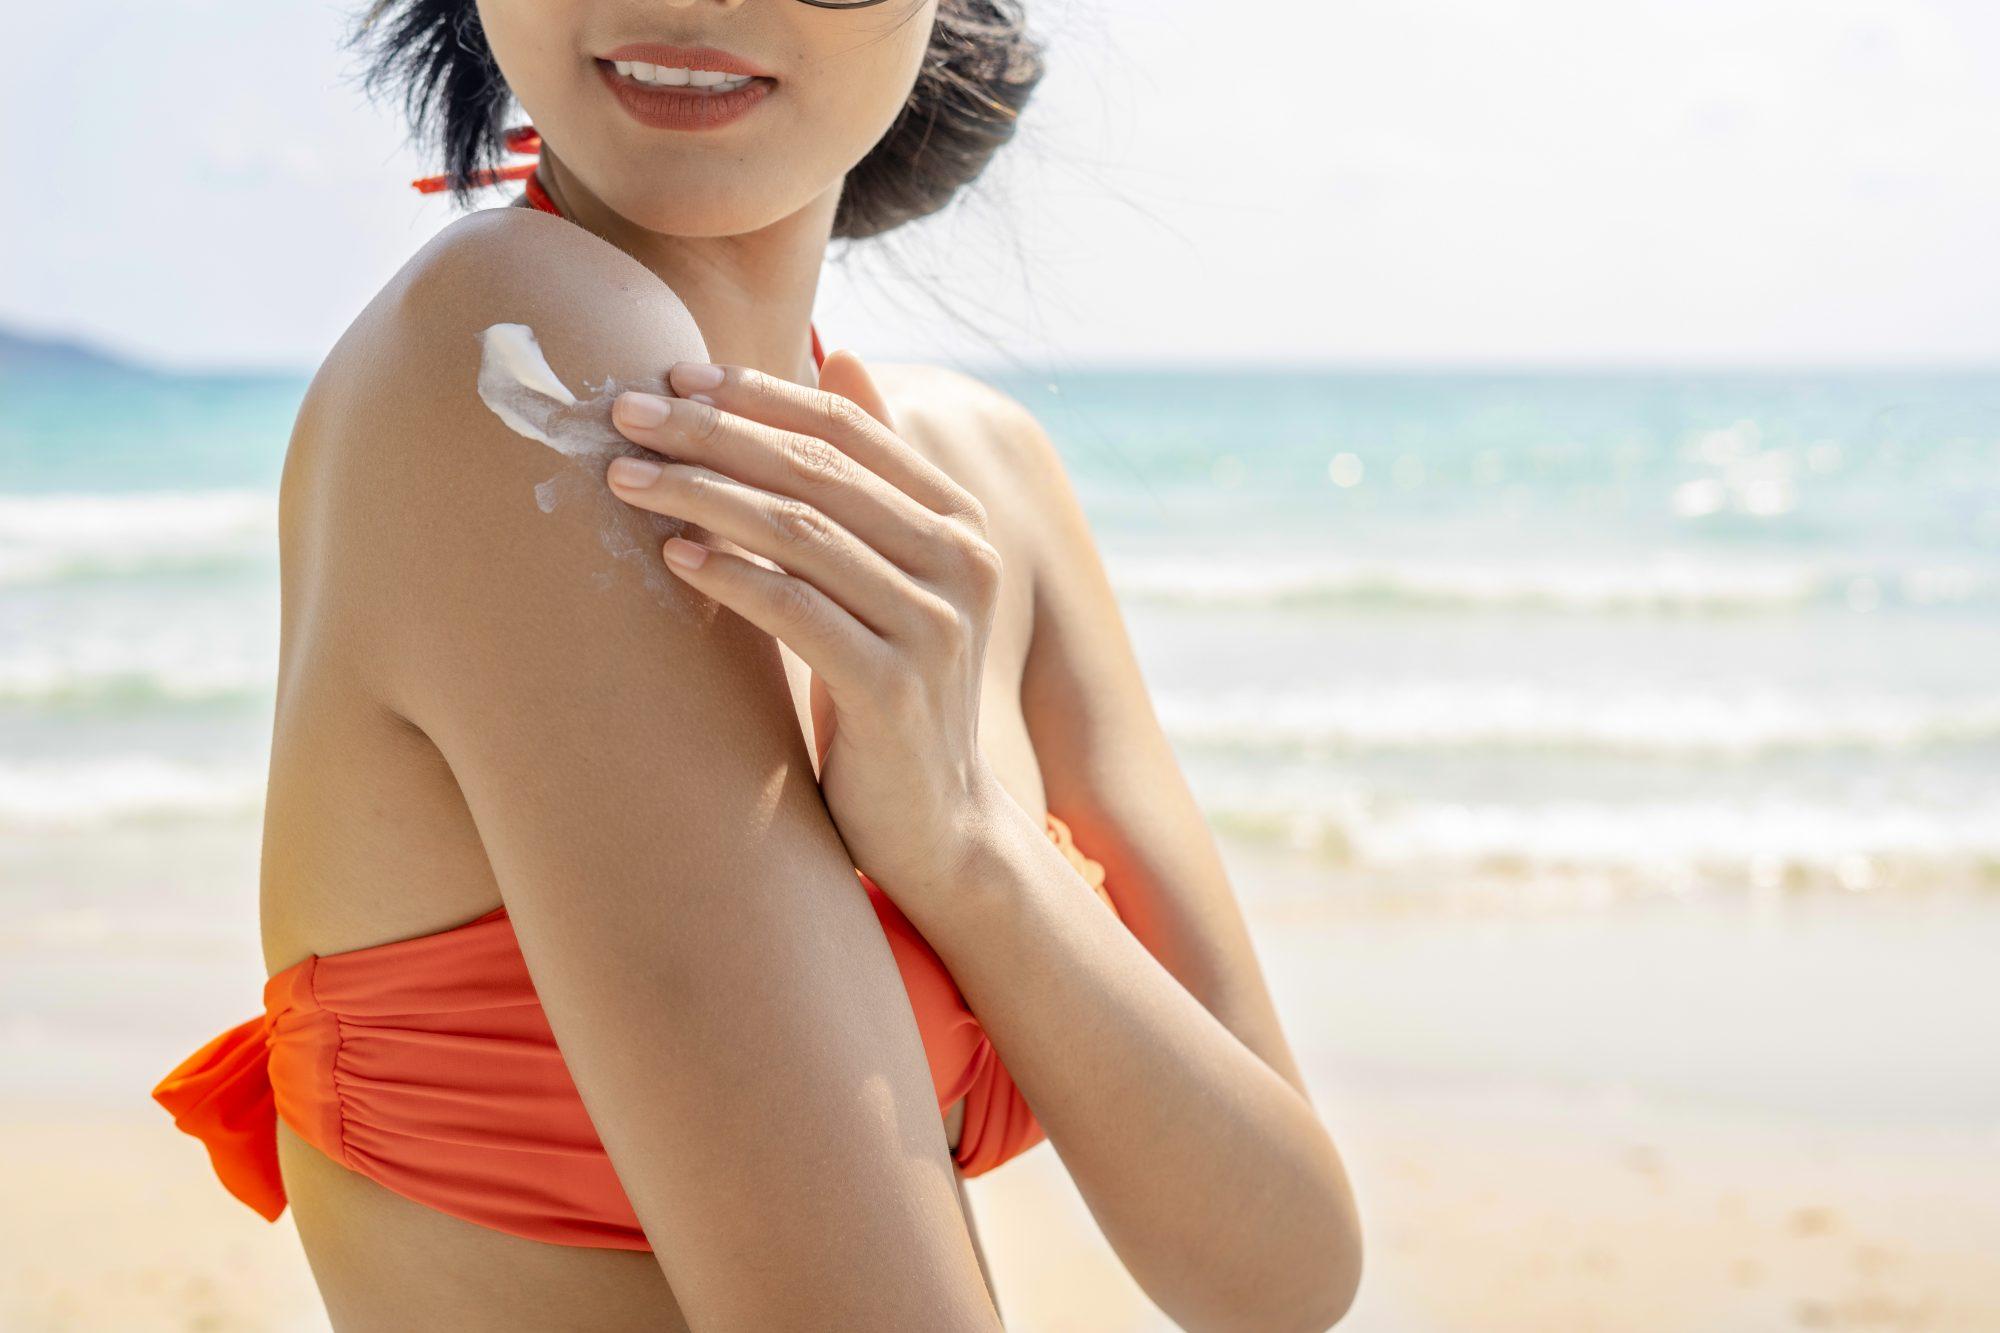 protector solar, sunscreen, bloqueador